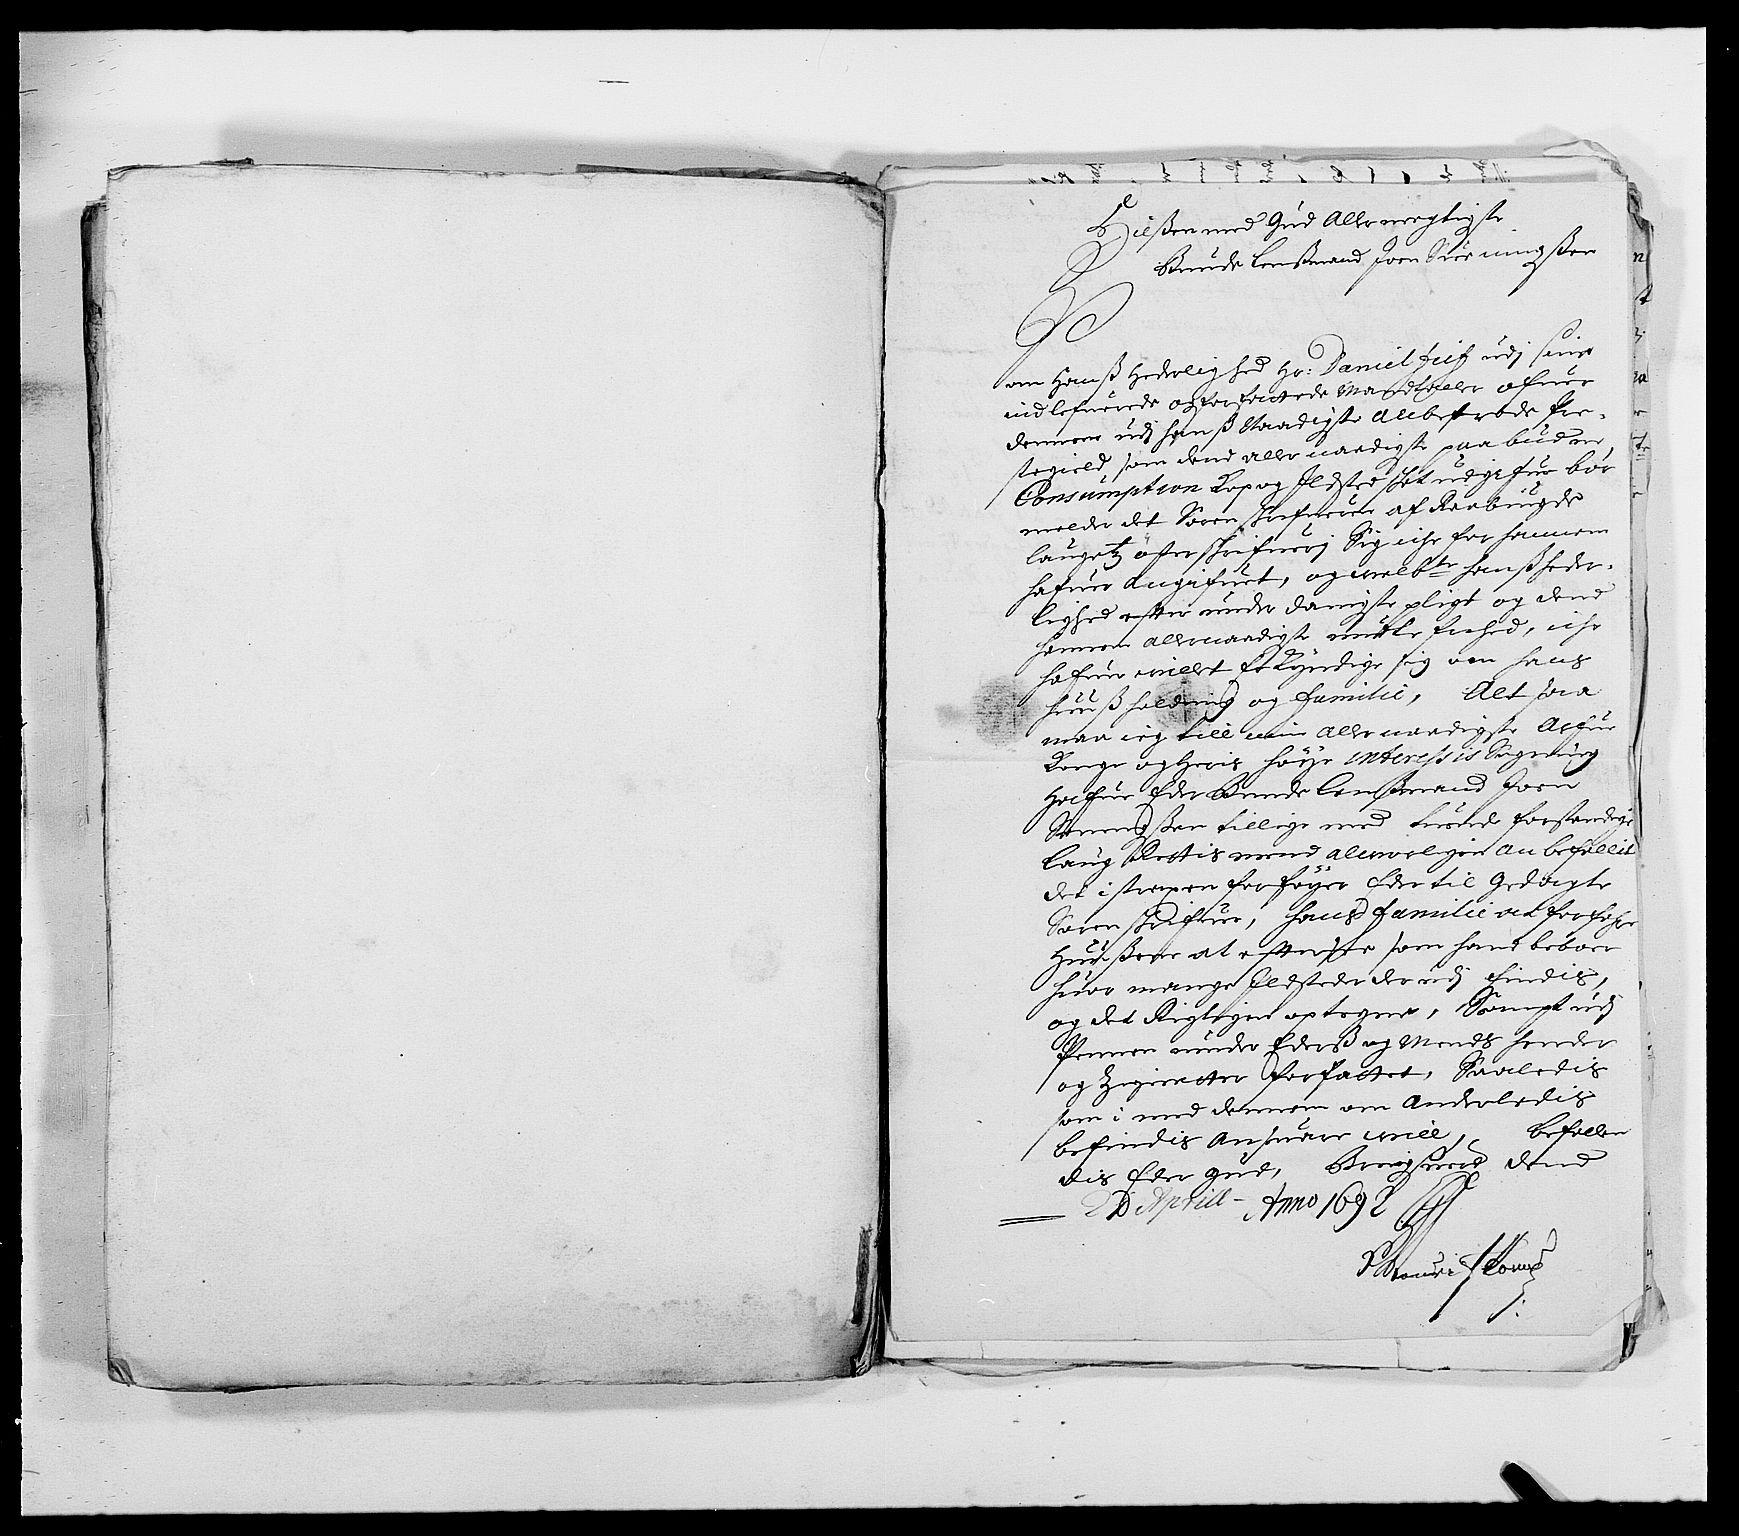 RA, Rentekammeret inntil 1814, Reviderte regnskaper, Fogderegnskap, R39/L2311: Fogderegnskap Nedenes, 1690-1692, s. 274